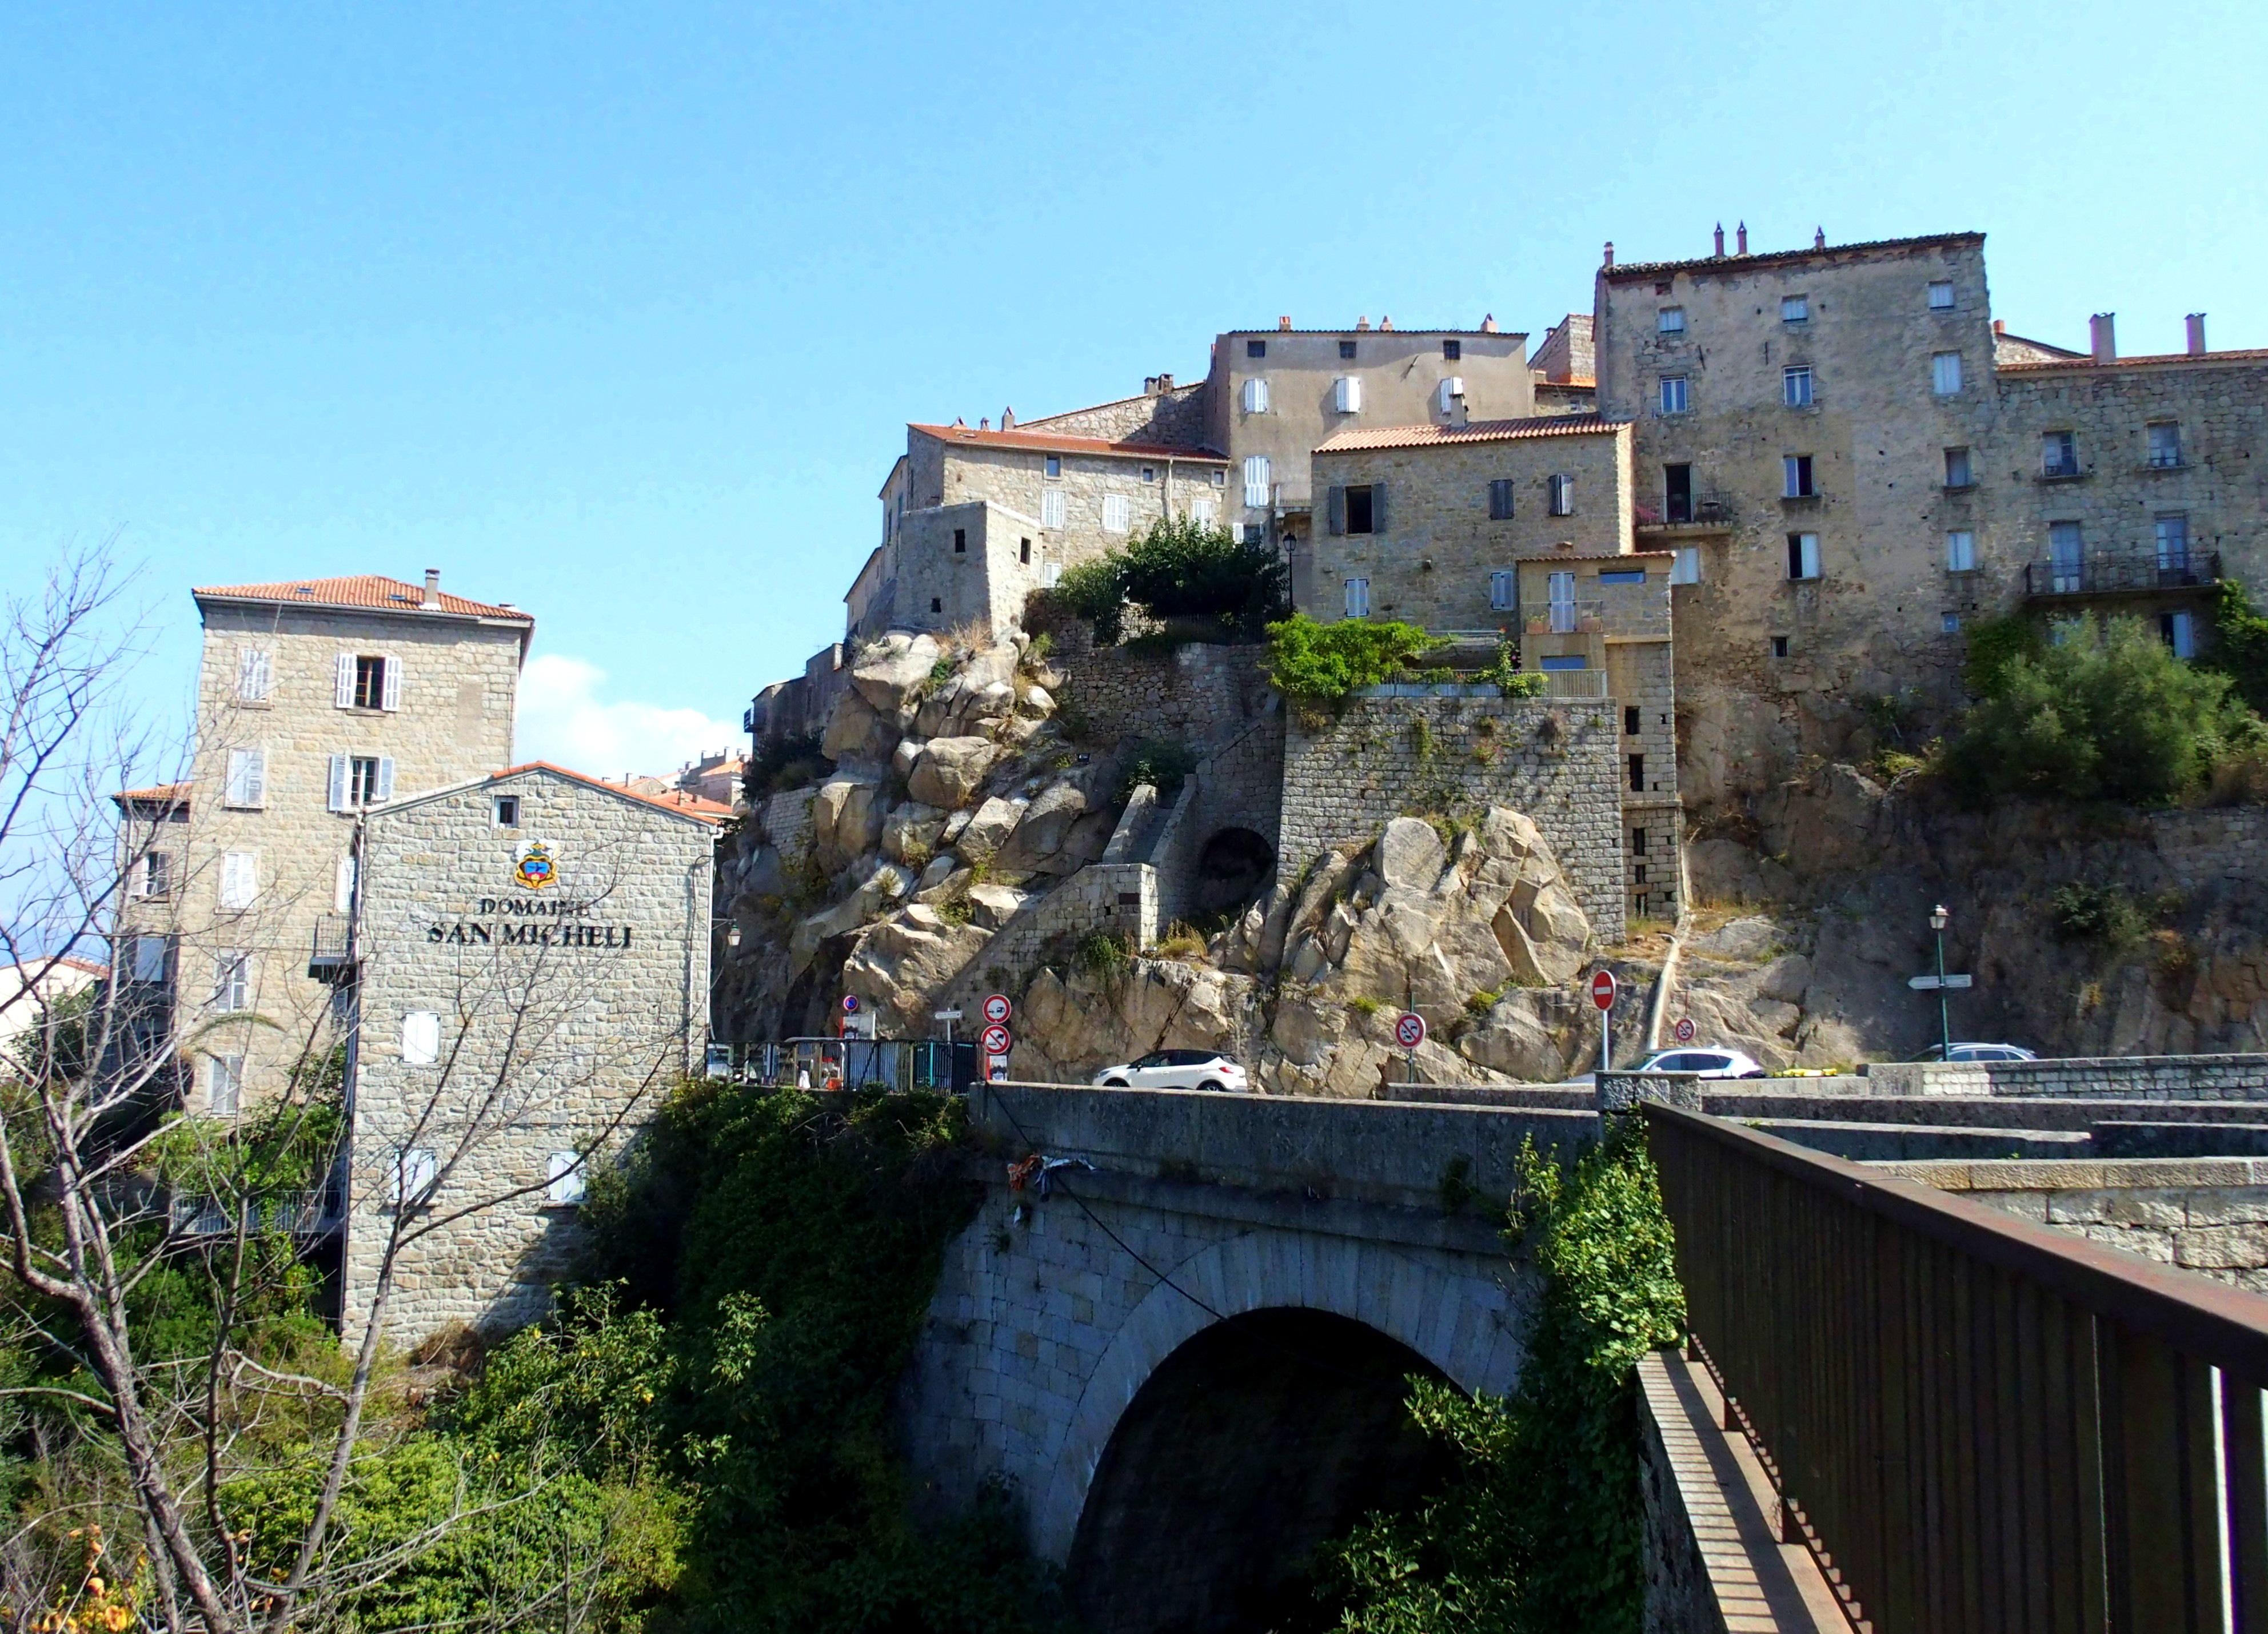 Entrée du village de Sartène en Corse.